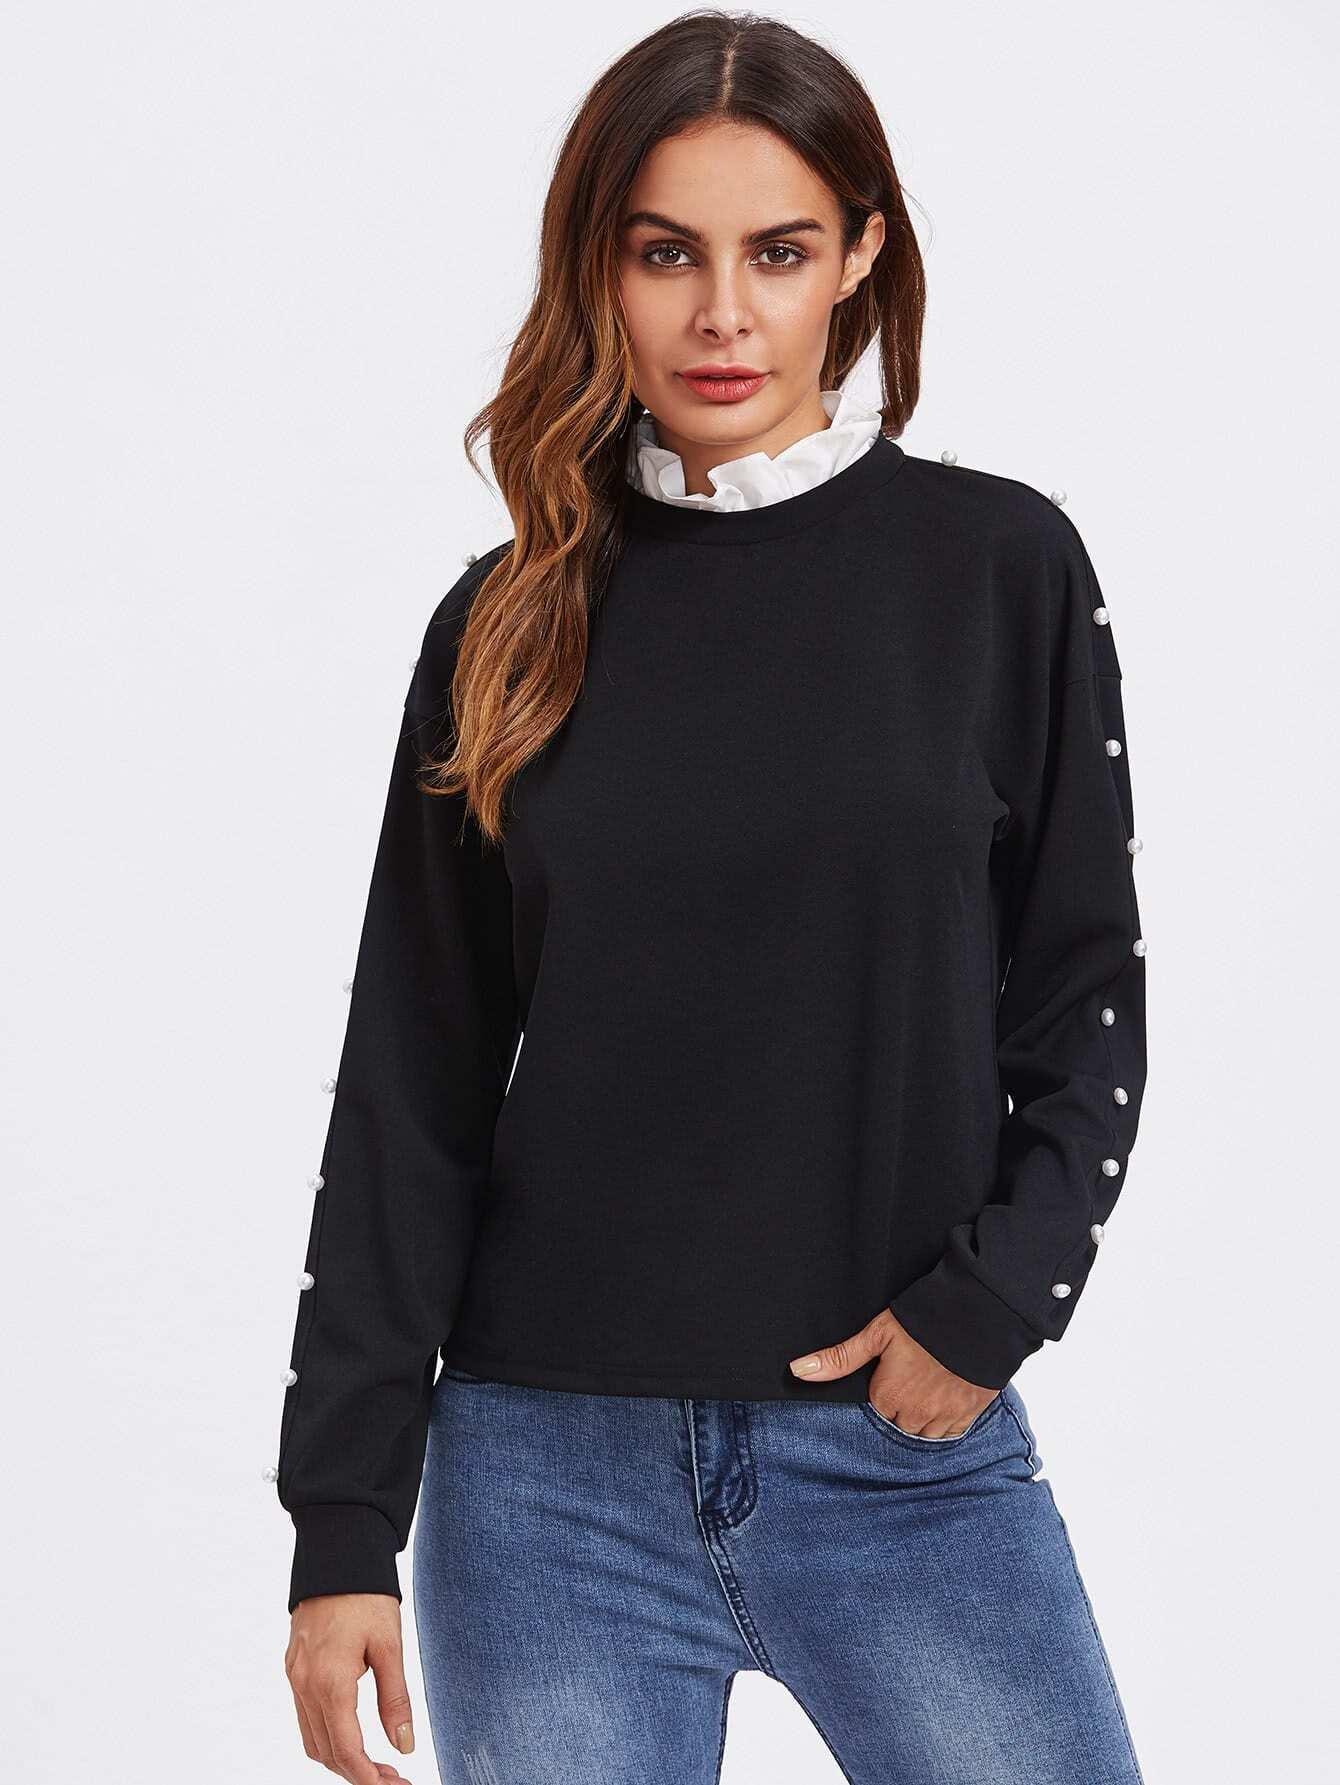 Sweatshirt mit schößchem Saum auf dem Ausschnitt und Perlen